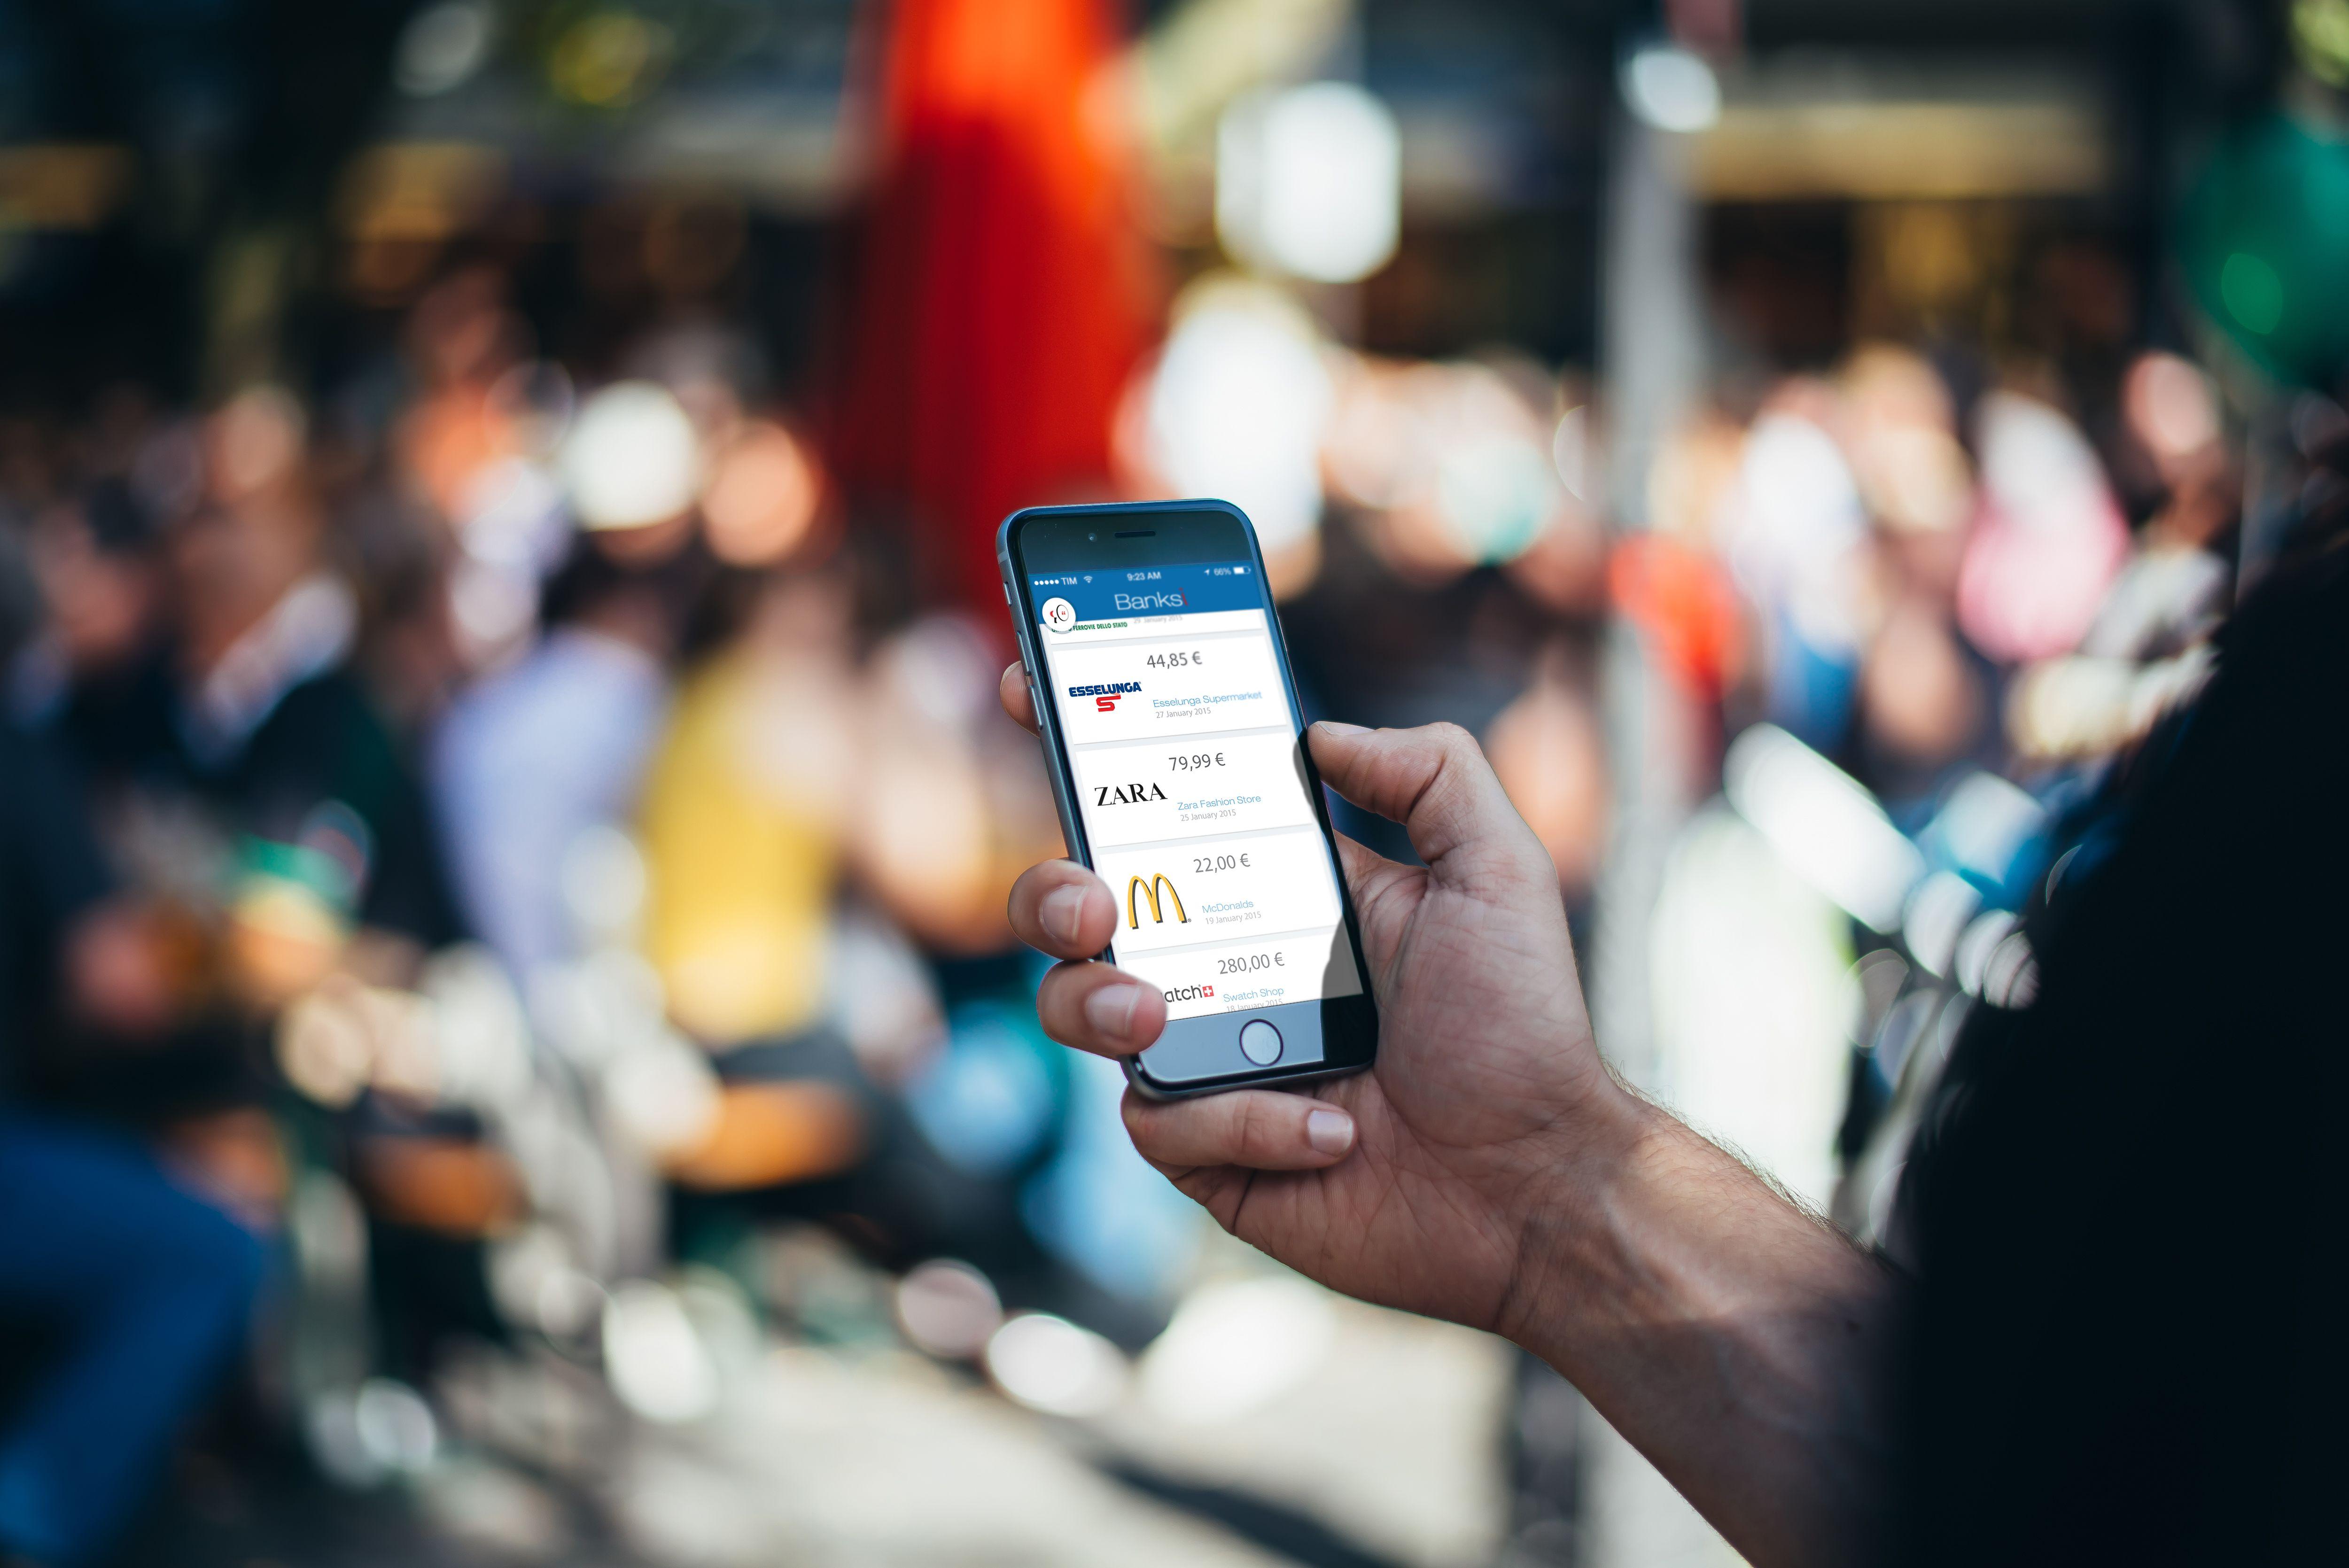 Iacob Mihai Catalin | UX/UI app design